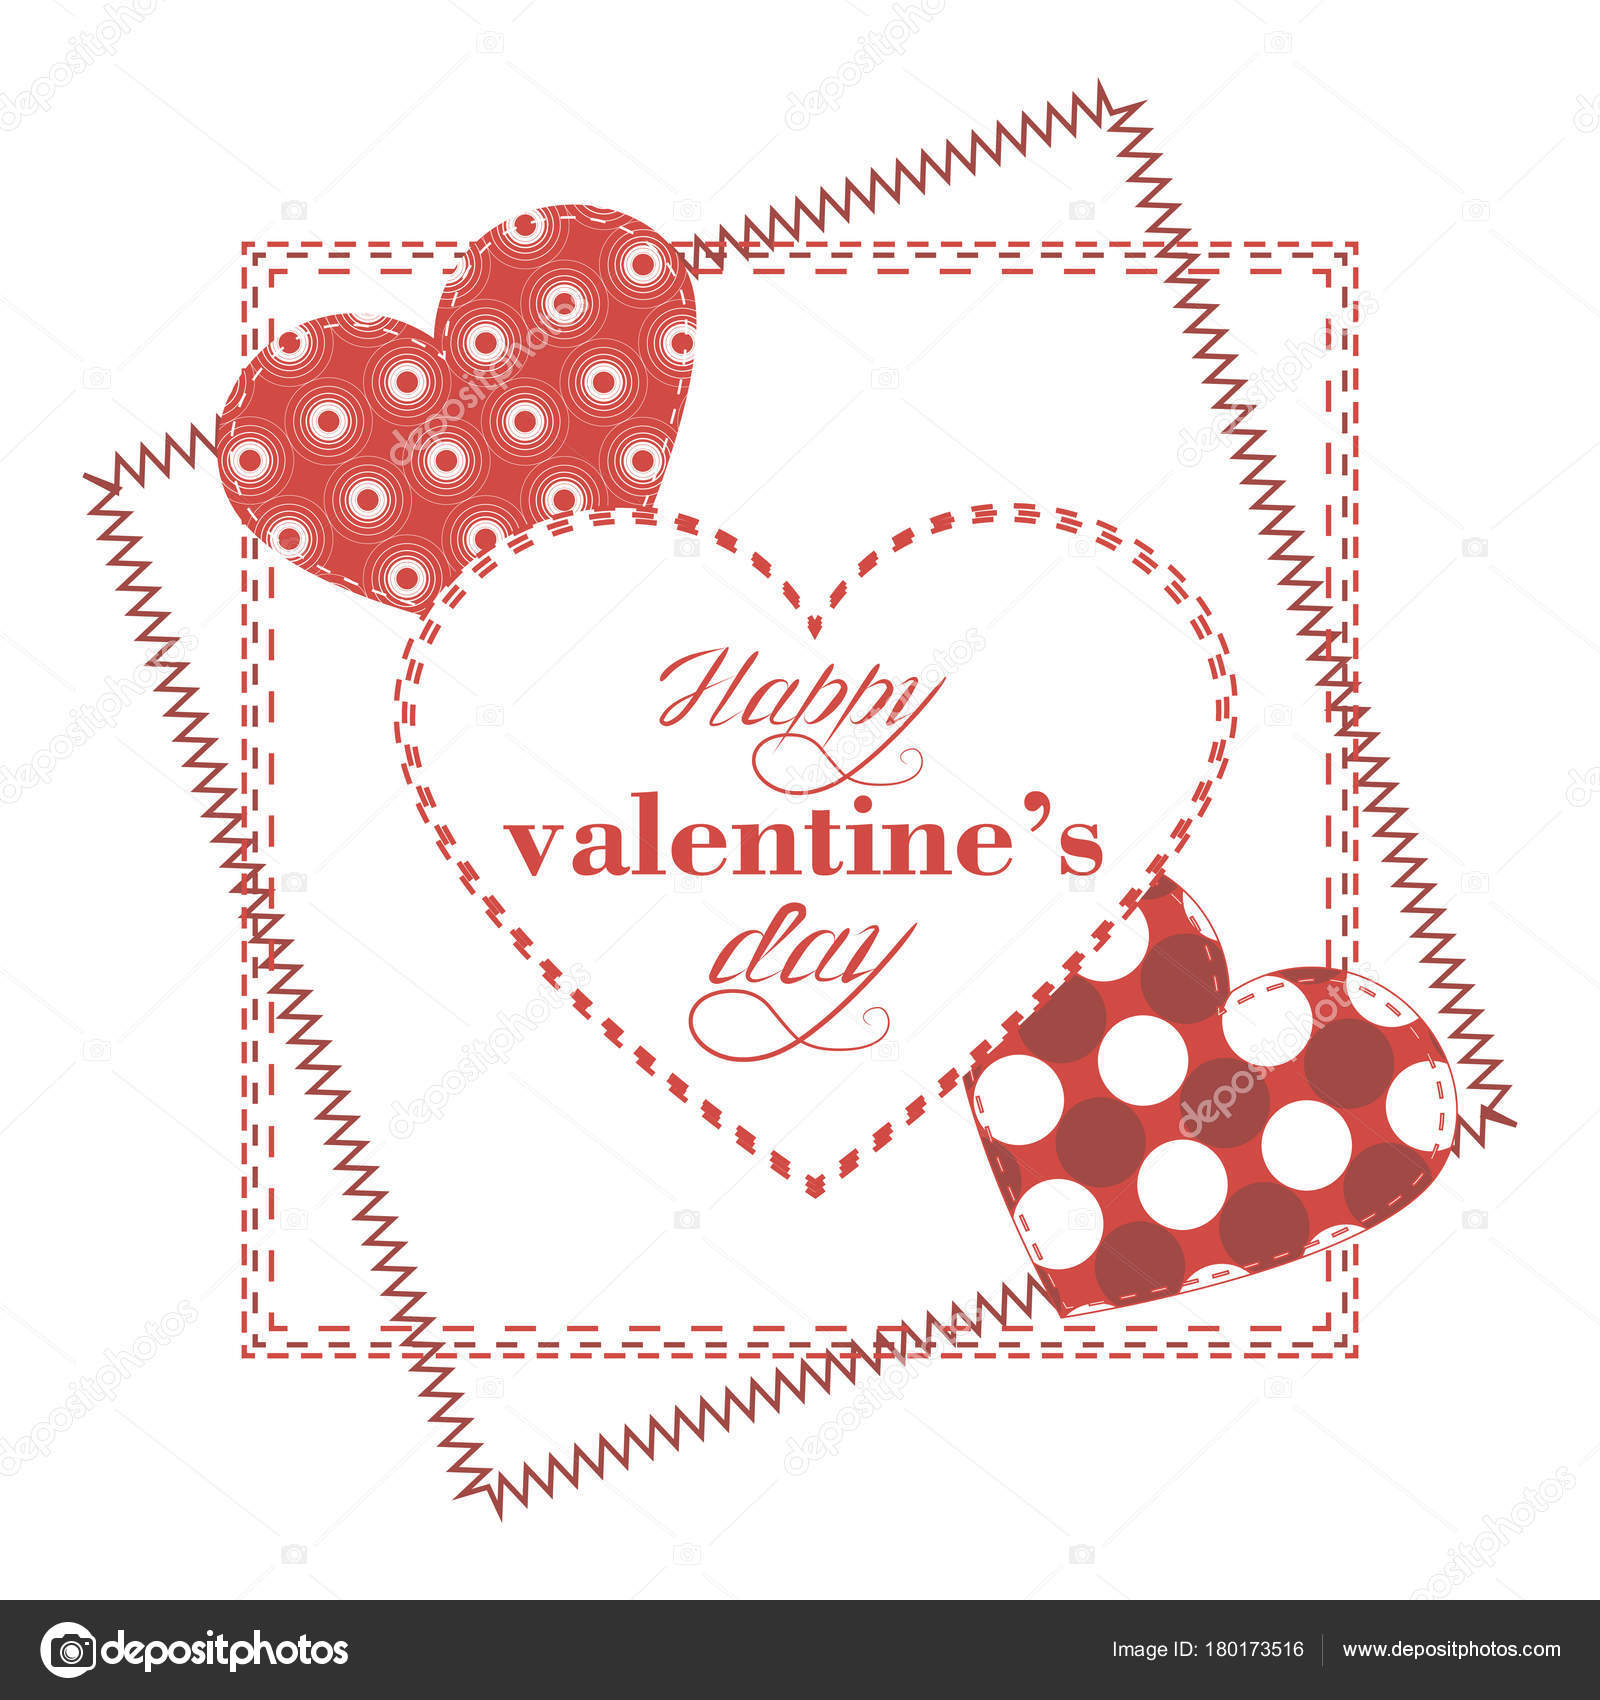 Gratulation-Vorlage zum Valentinstag — Stockvektor © Minyanna #180173516